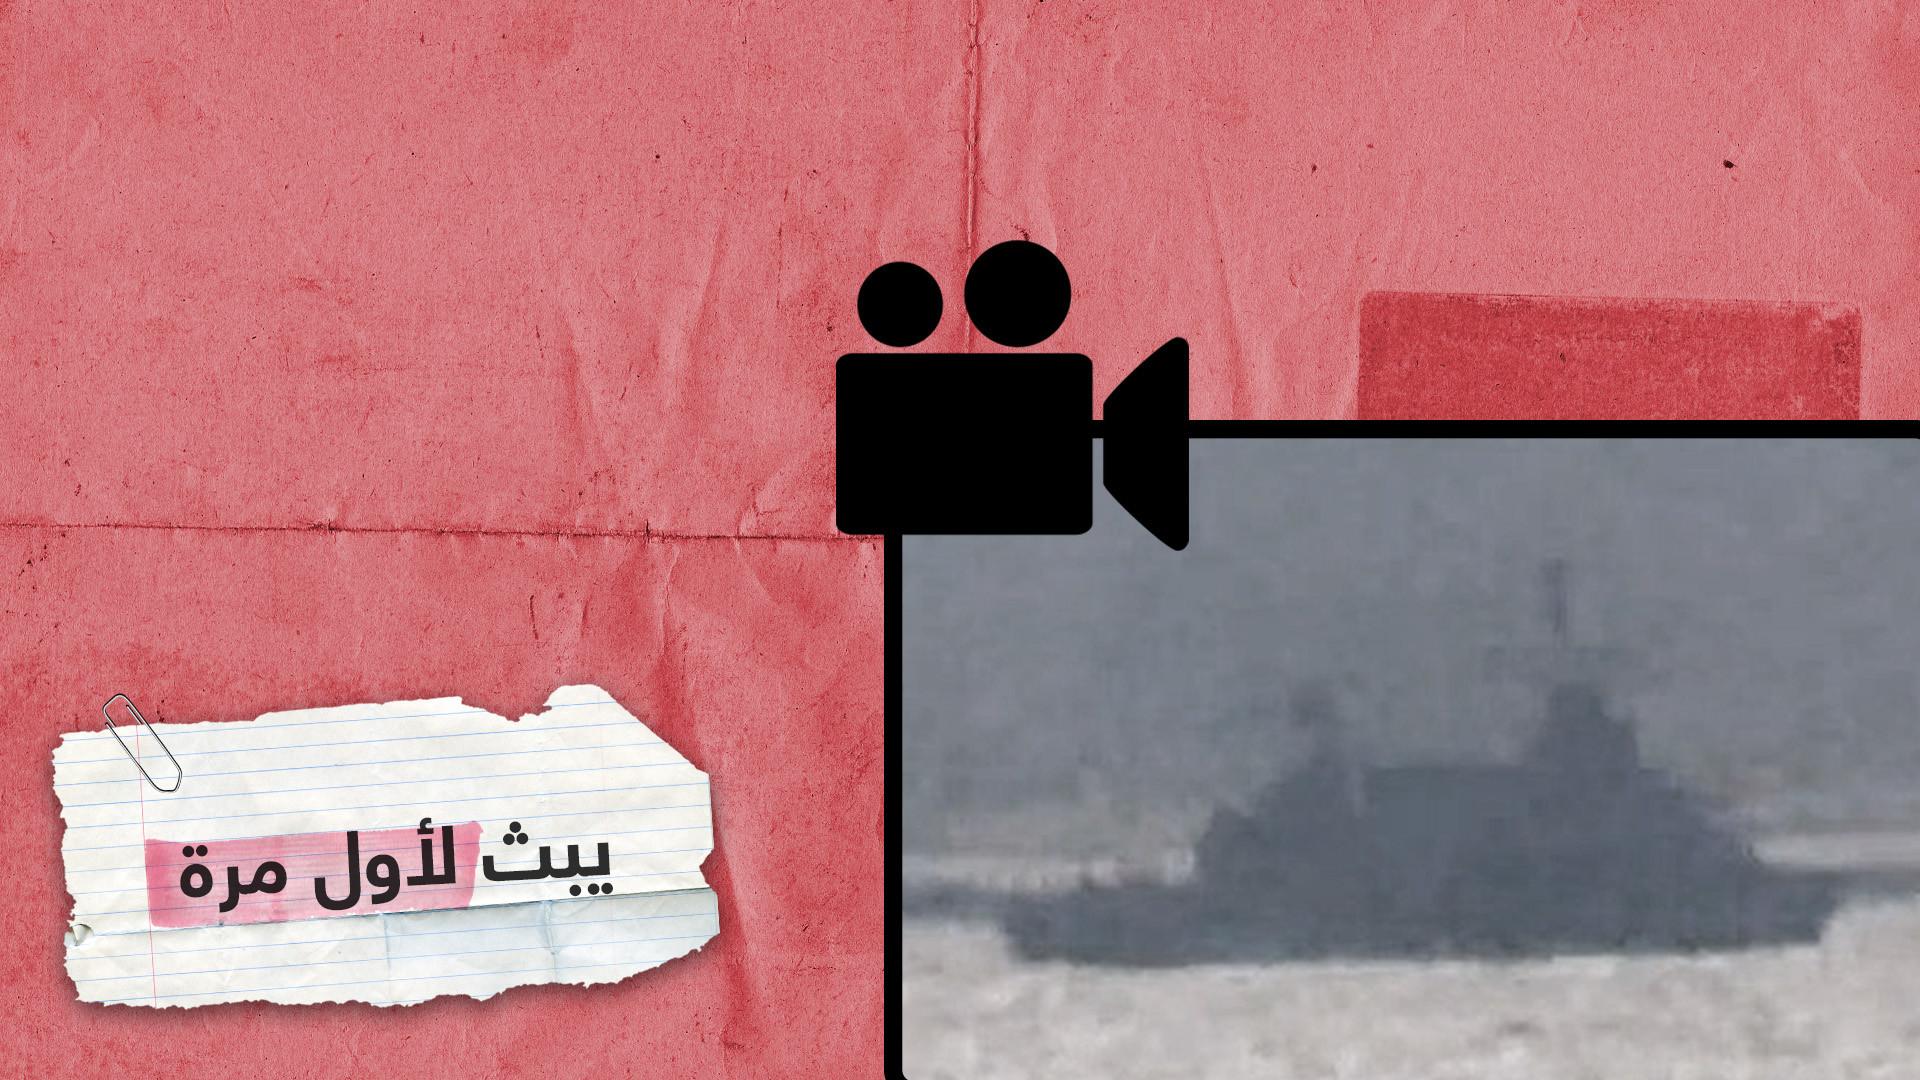 لأول مرة.. حزب الله ينشر فيديو لاستهداف سفينة إسرائيلية في 2006